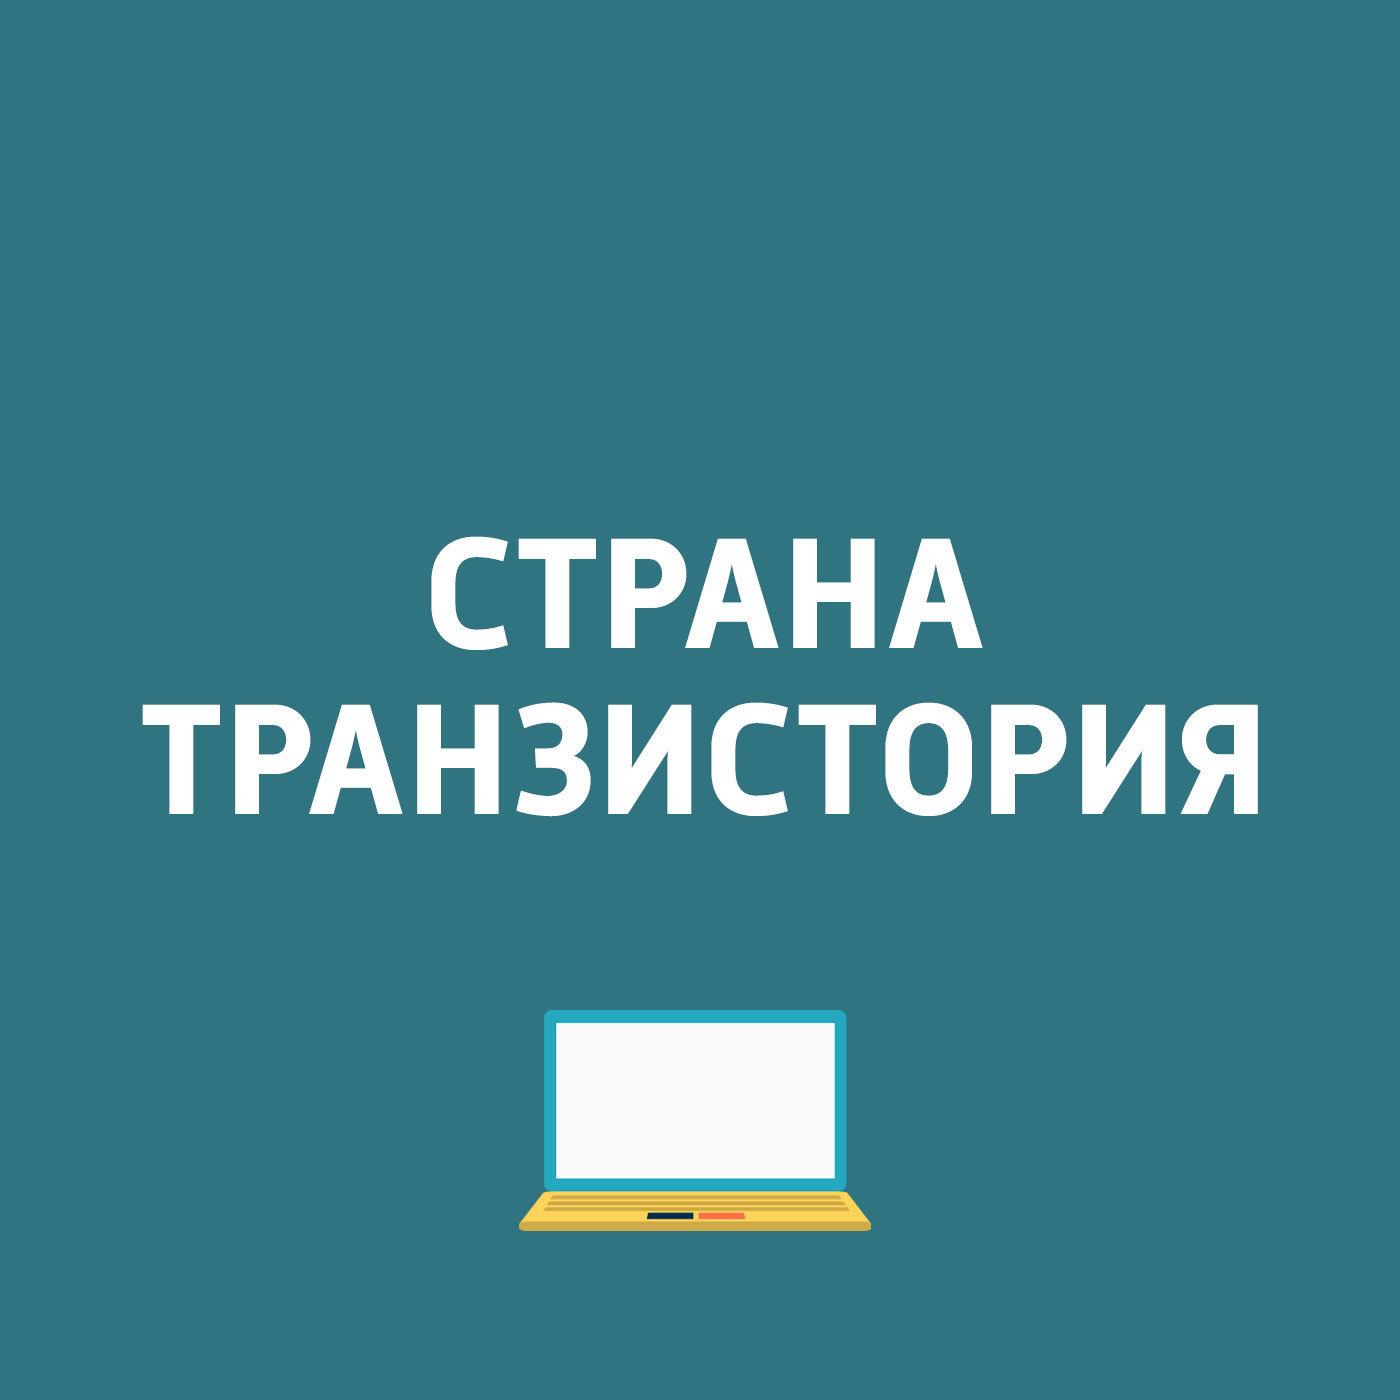 Картаев Павел Начало продаж Vivo V7 и Vivo V7+; Apple купила Shazam; «Тайный Санта «ВКонтакте; Обновление для для Quake Champions